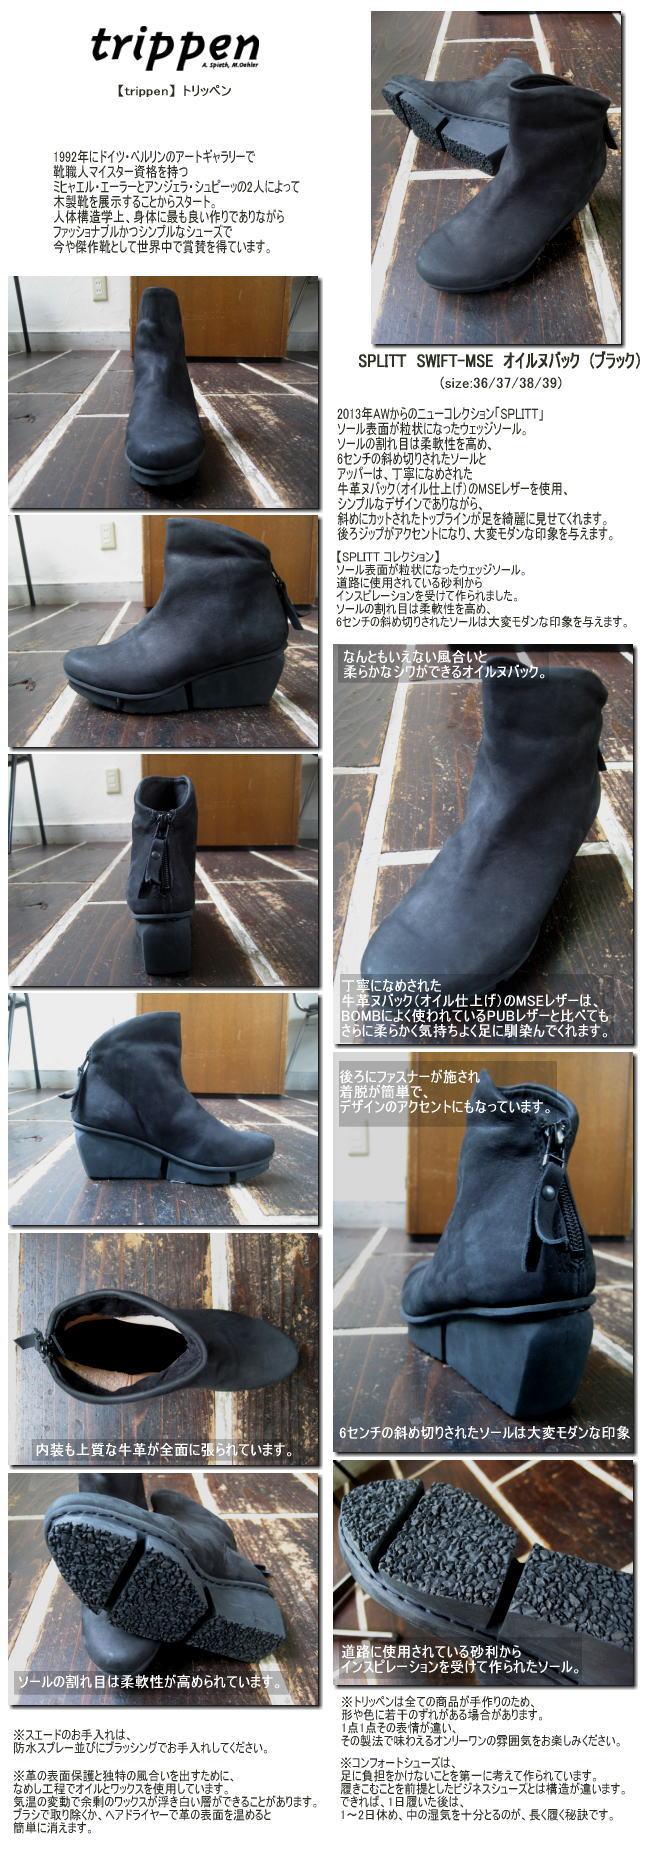 【trippen】トリッペン ショートブーツ SPLITT SWIFT-MSE オイルヌバック (ブラック) size36/37/38